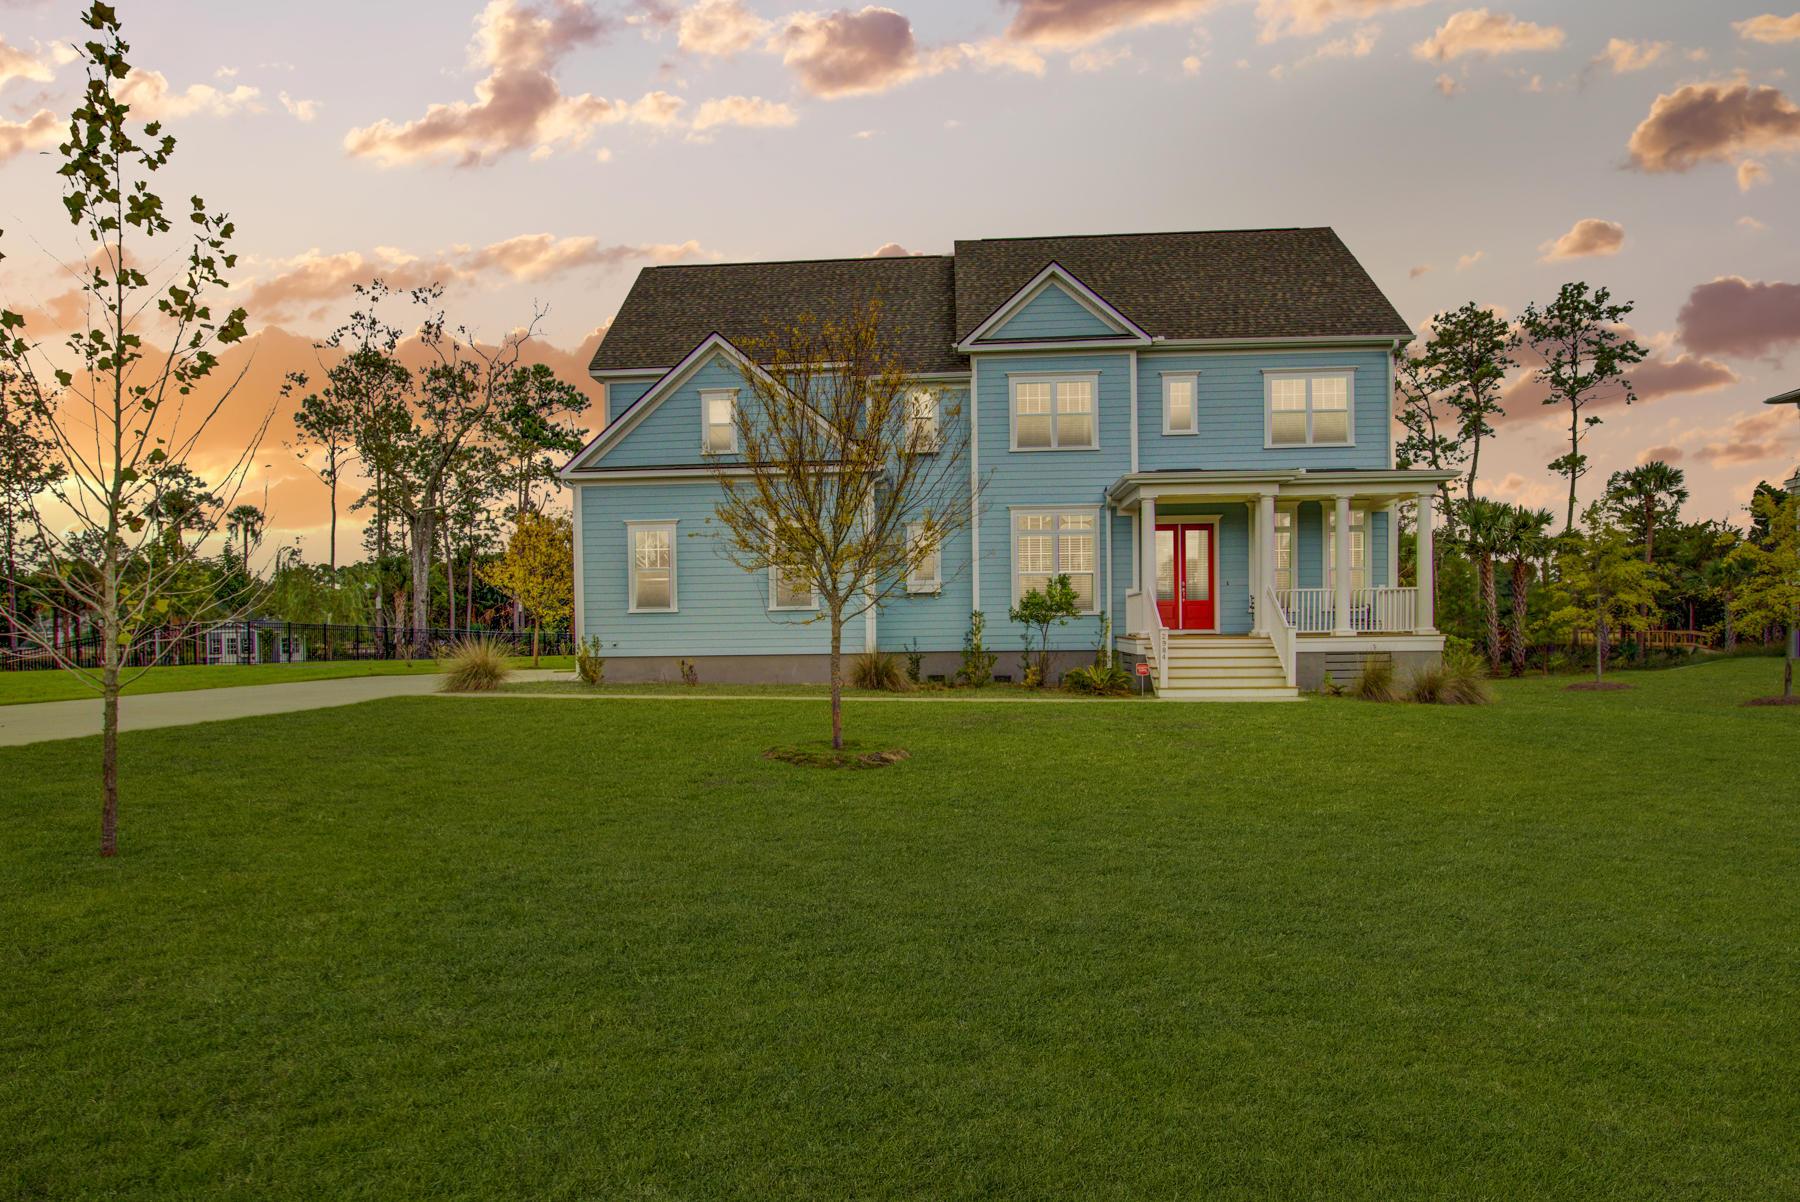 Dunes West Homes For Sale - 2984 Yachtsman, Mount Pleasant, SC - 7